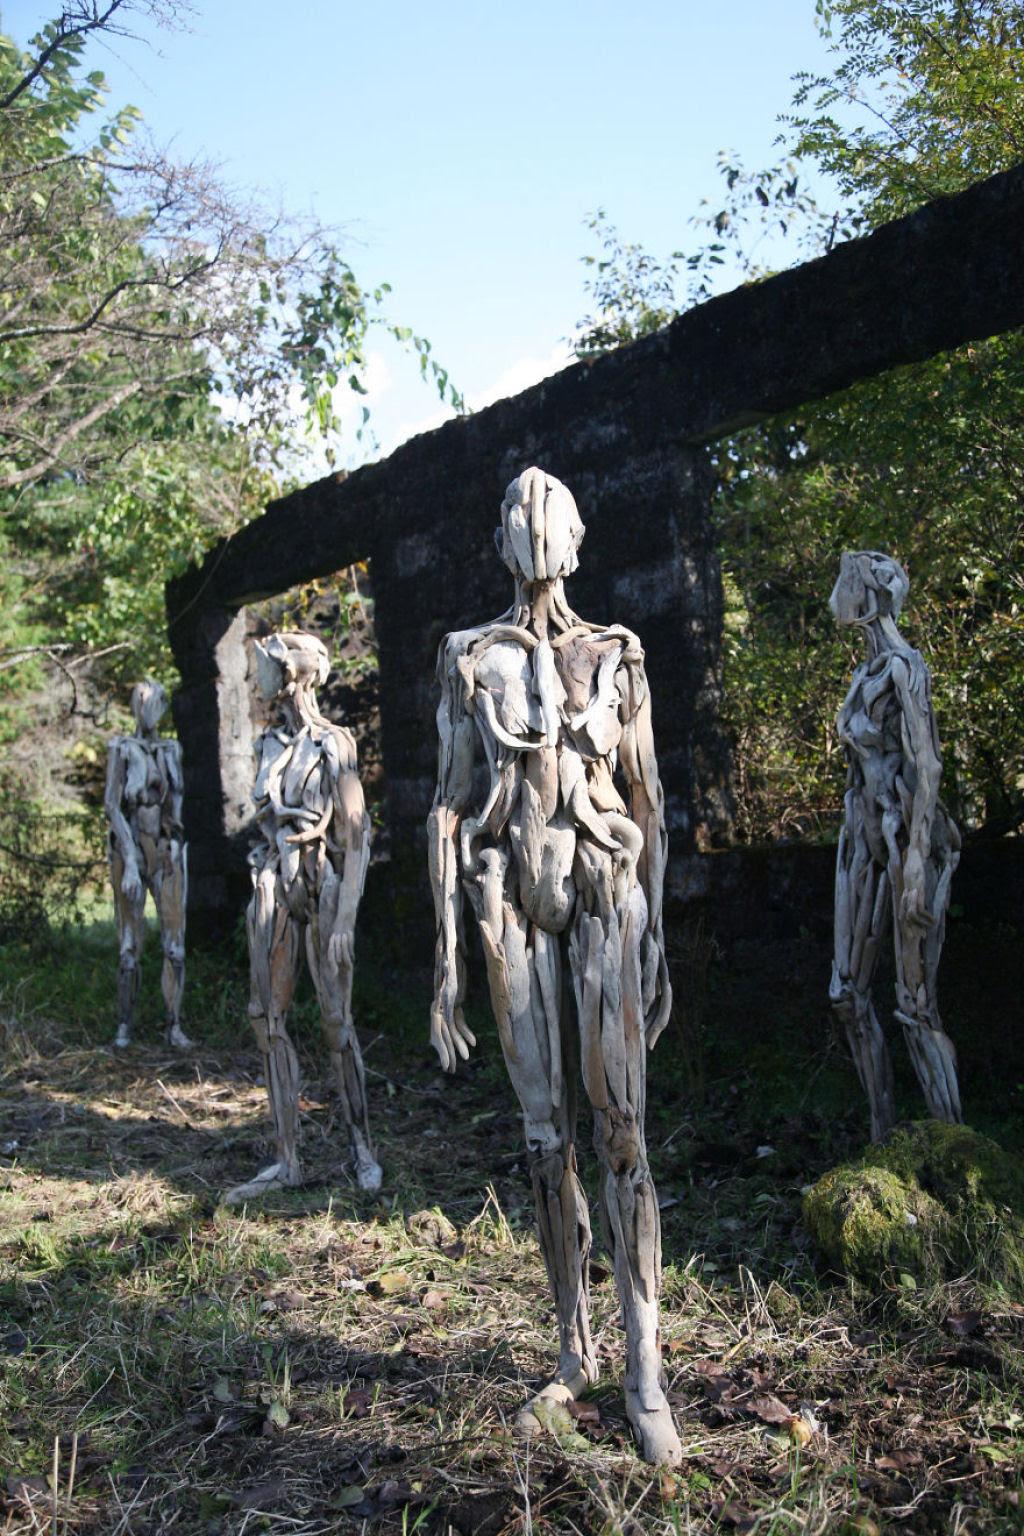 As inquietantes esculturas feitas com detrito de madeira no meio de bosque pelo japonês Nagato Iwasaki 07